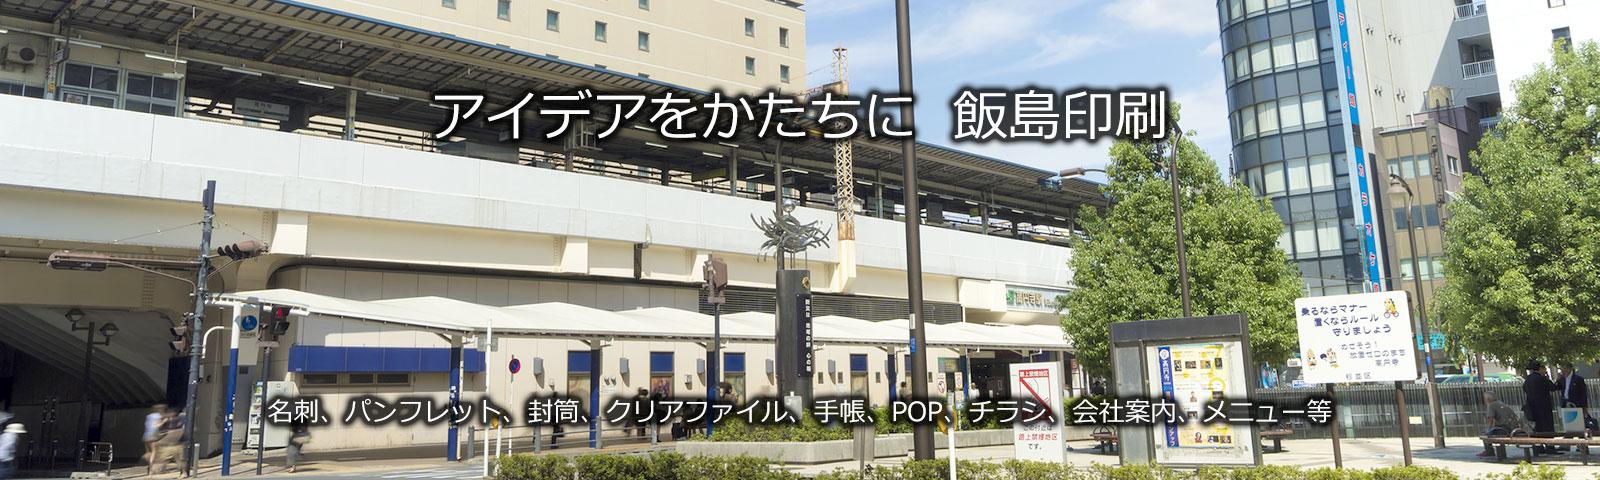 高円寺カタログ・チラシ